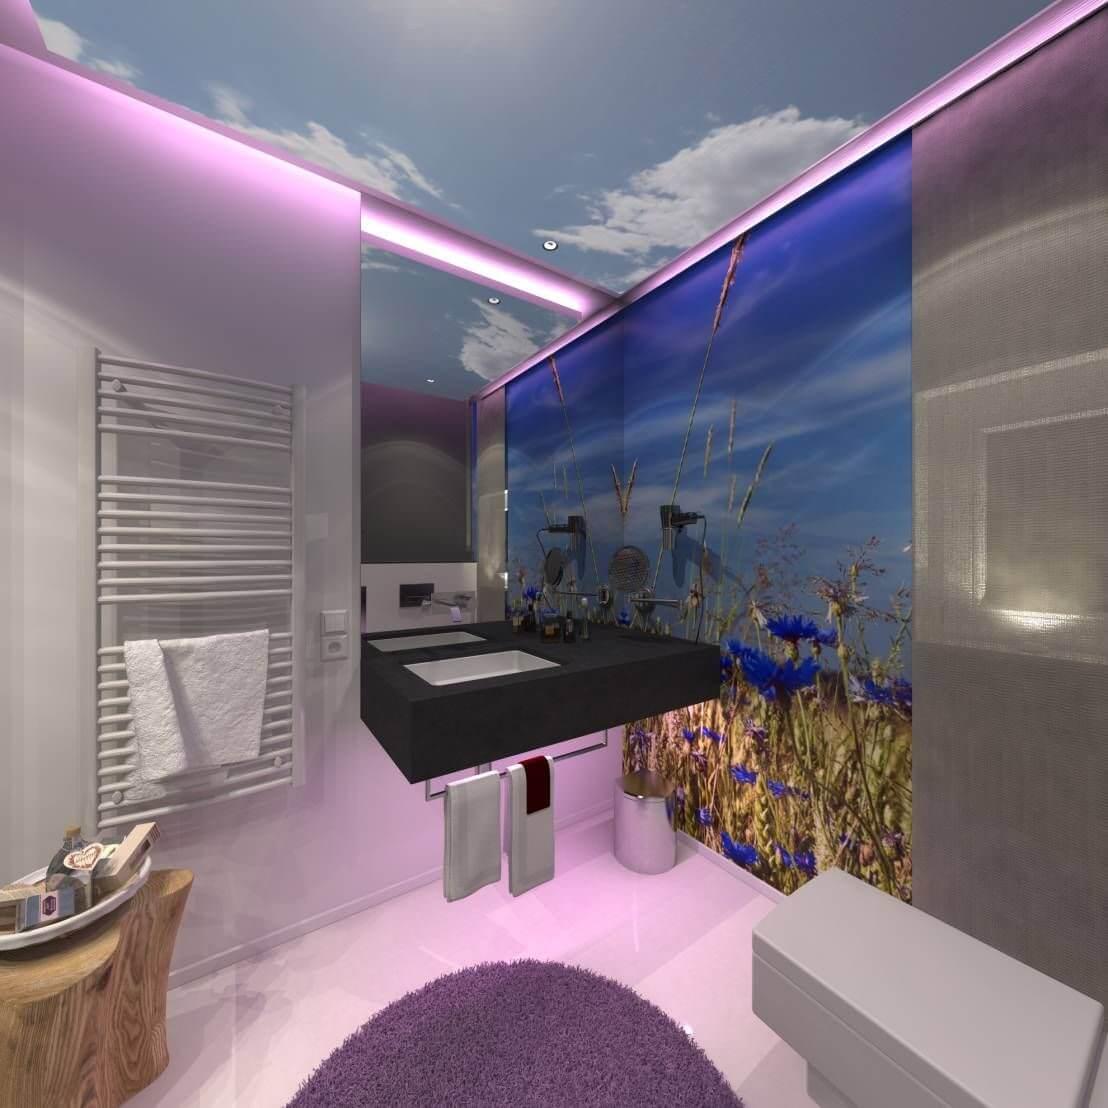 Die geringe Unterscheidung zwischen der Farbe des Bodens und der Wände, das helle Farbschema und das Fehlen von Fugen vergrößern das kleine Badezimmer